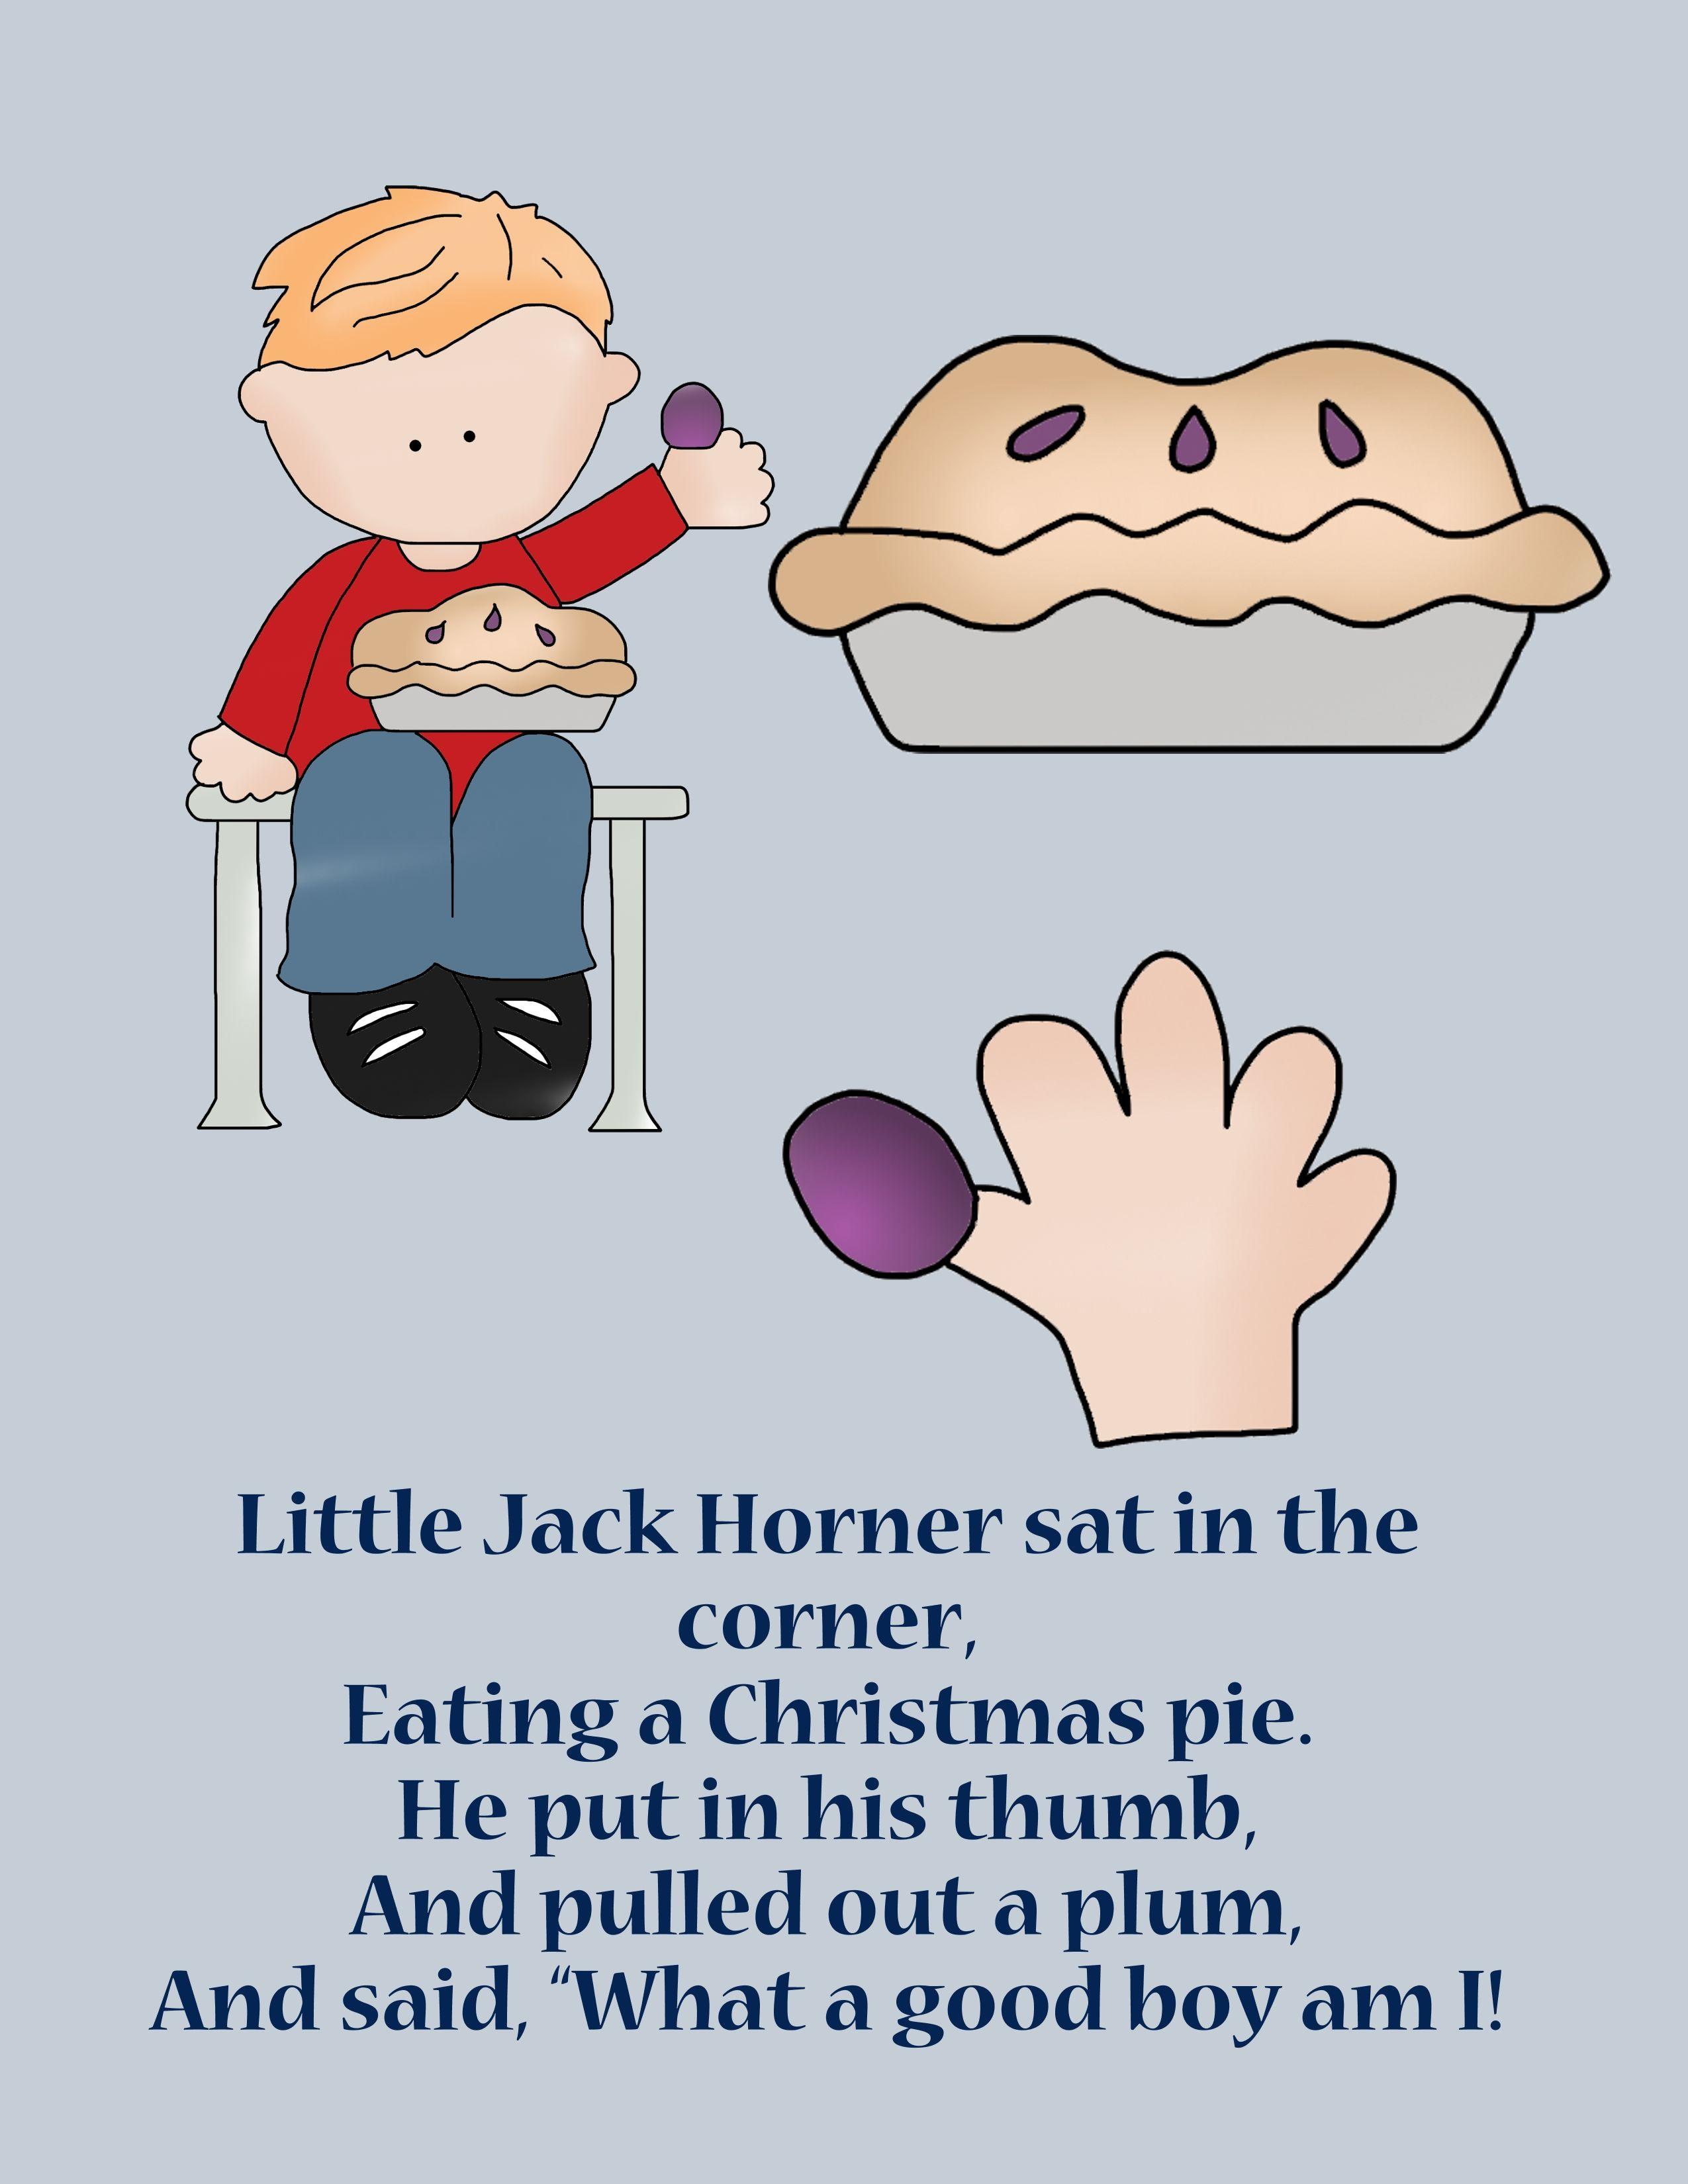 Little Jack Horner With Images December Preschool Lesson Plans